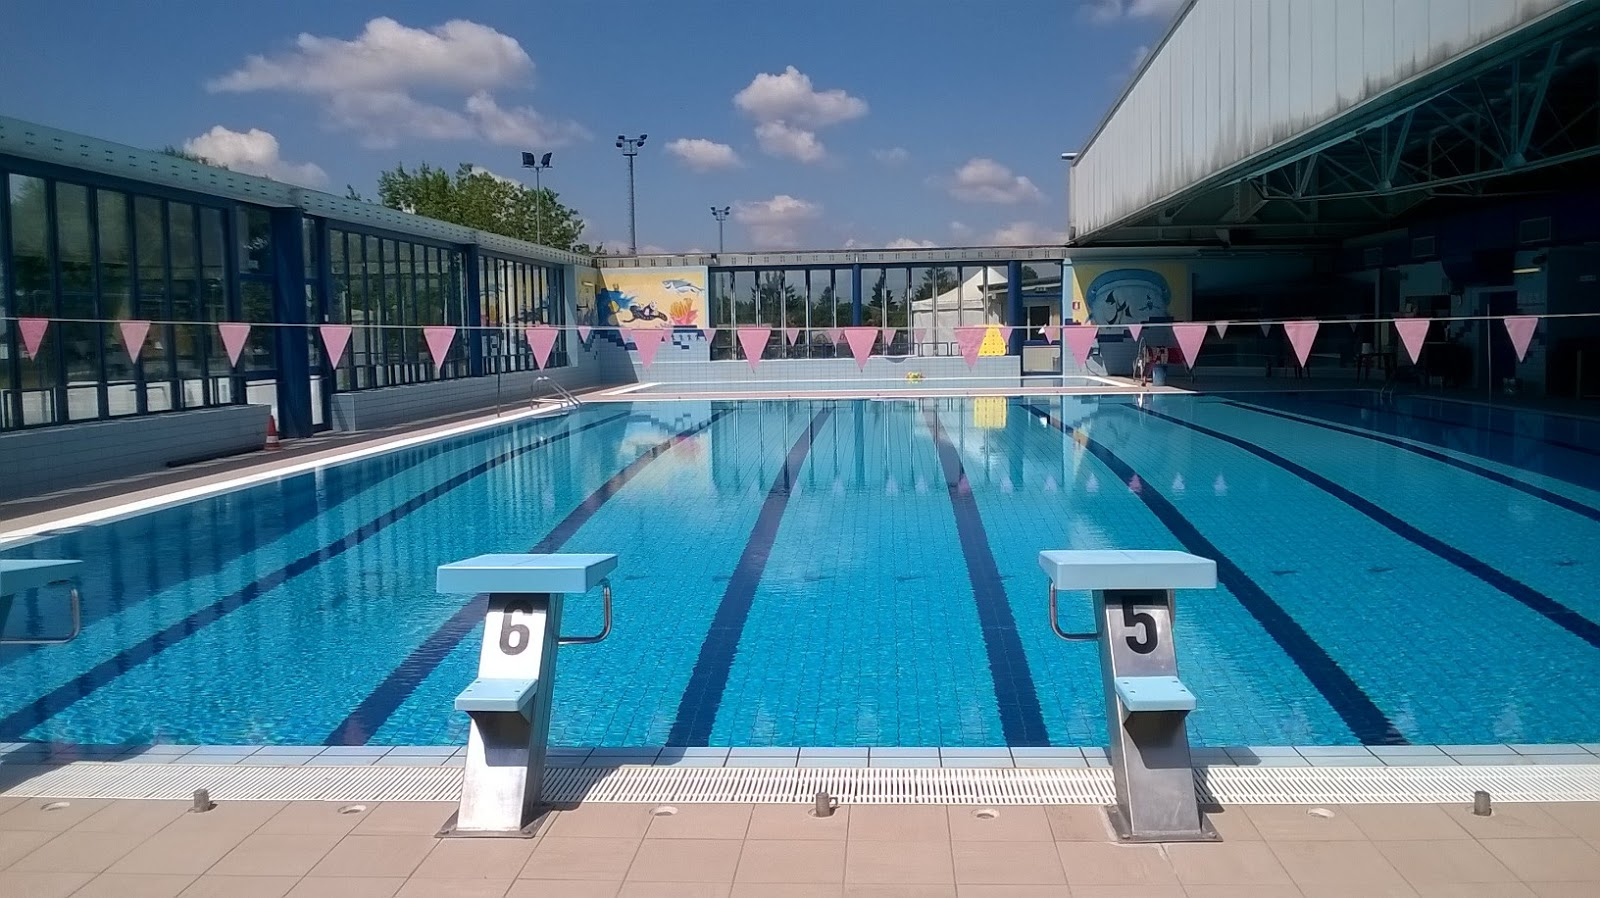 Il periodico della bassa bresciana a breve riaprir la piscina comunale di bagnolo mella - Piscina bagnolo ...